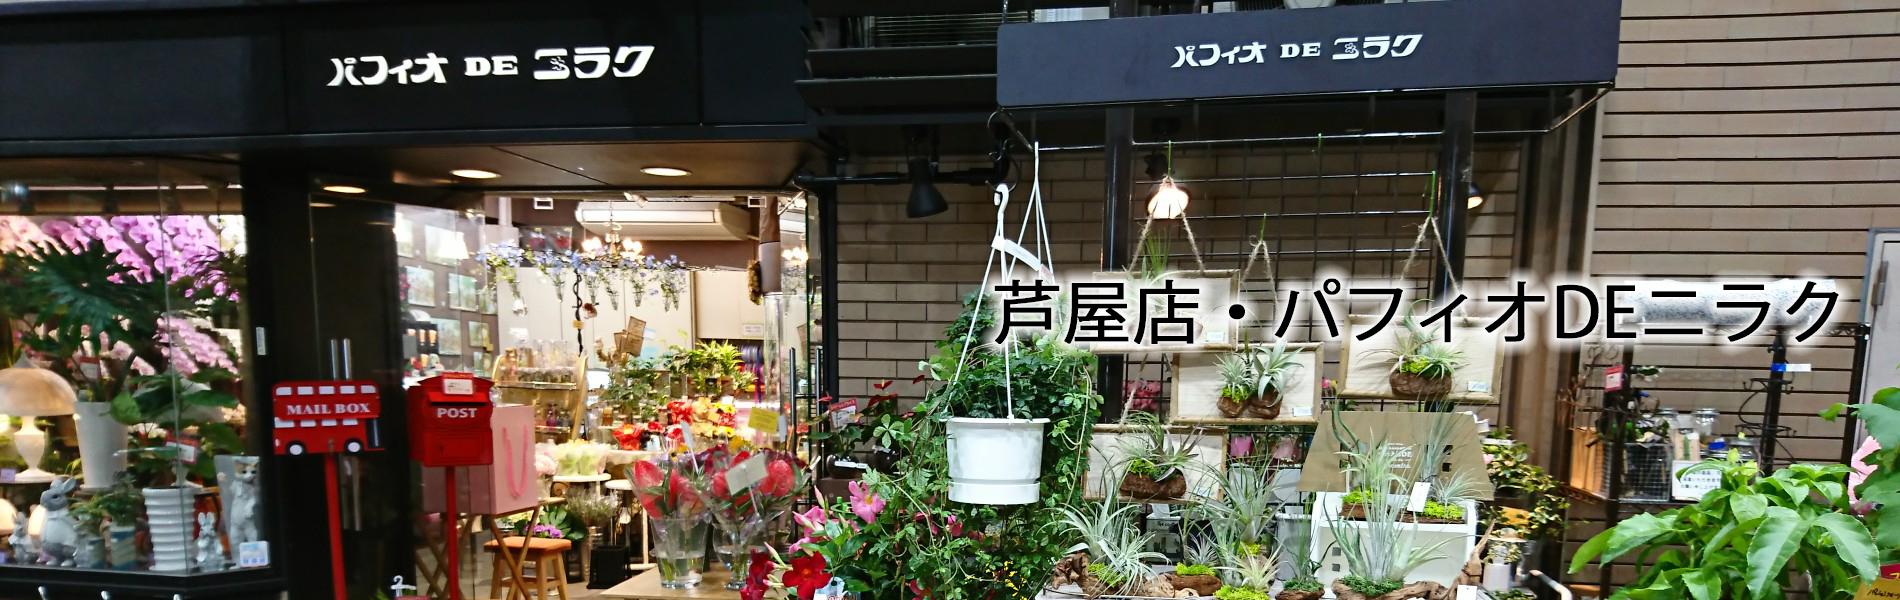 芦屋店・パフィオDEニラク